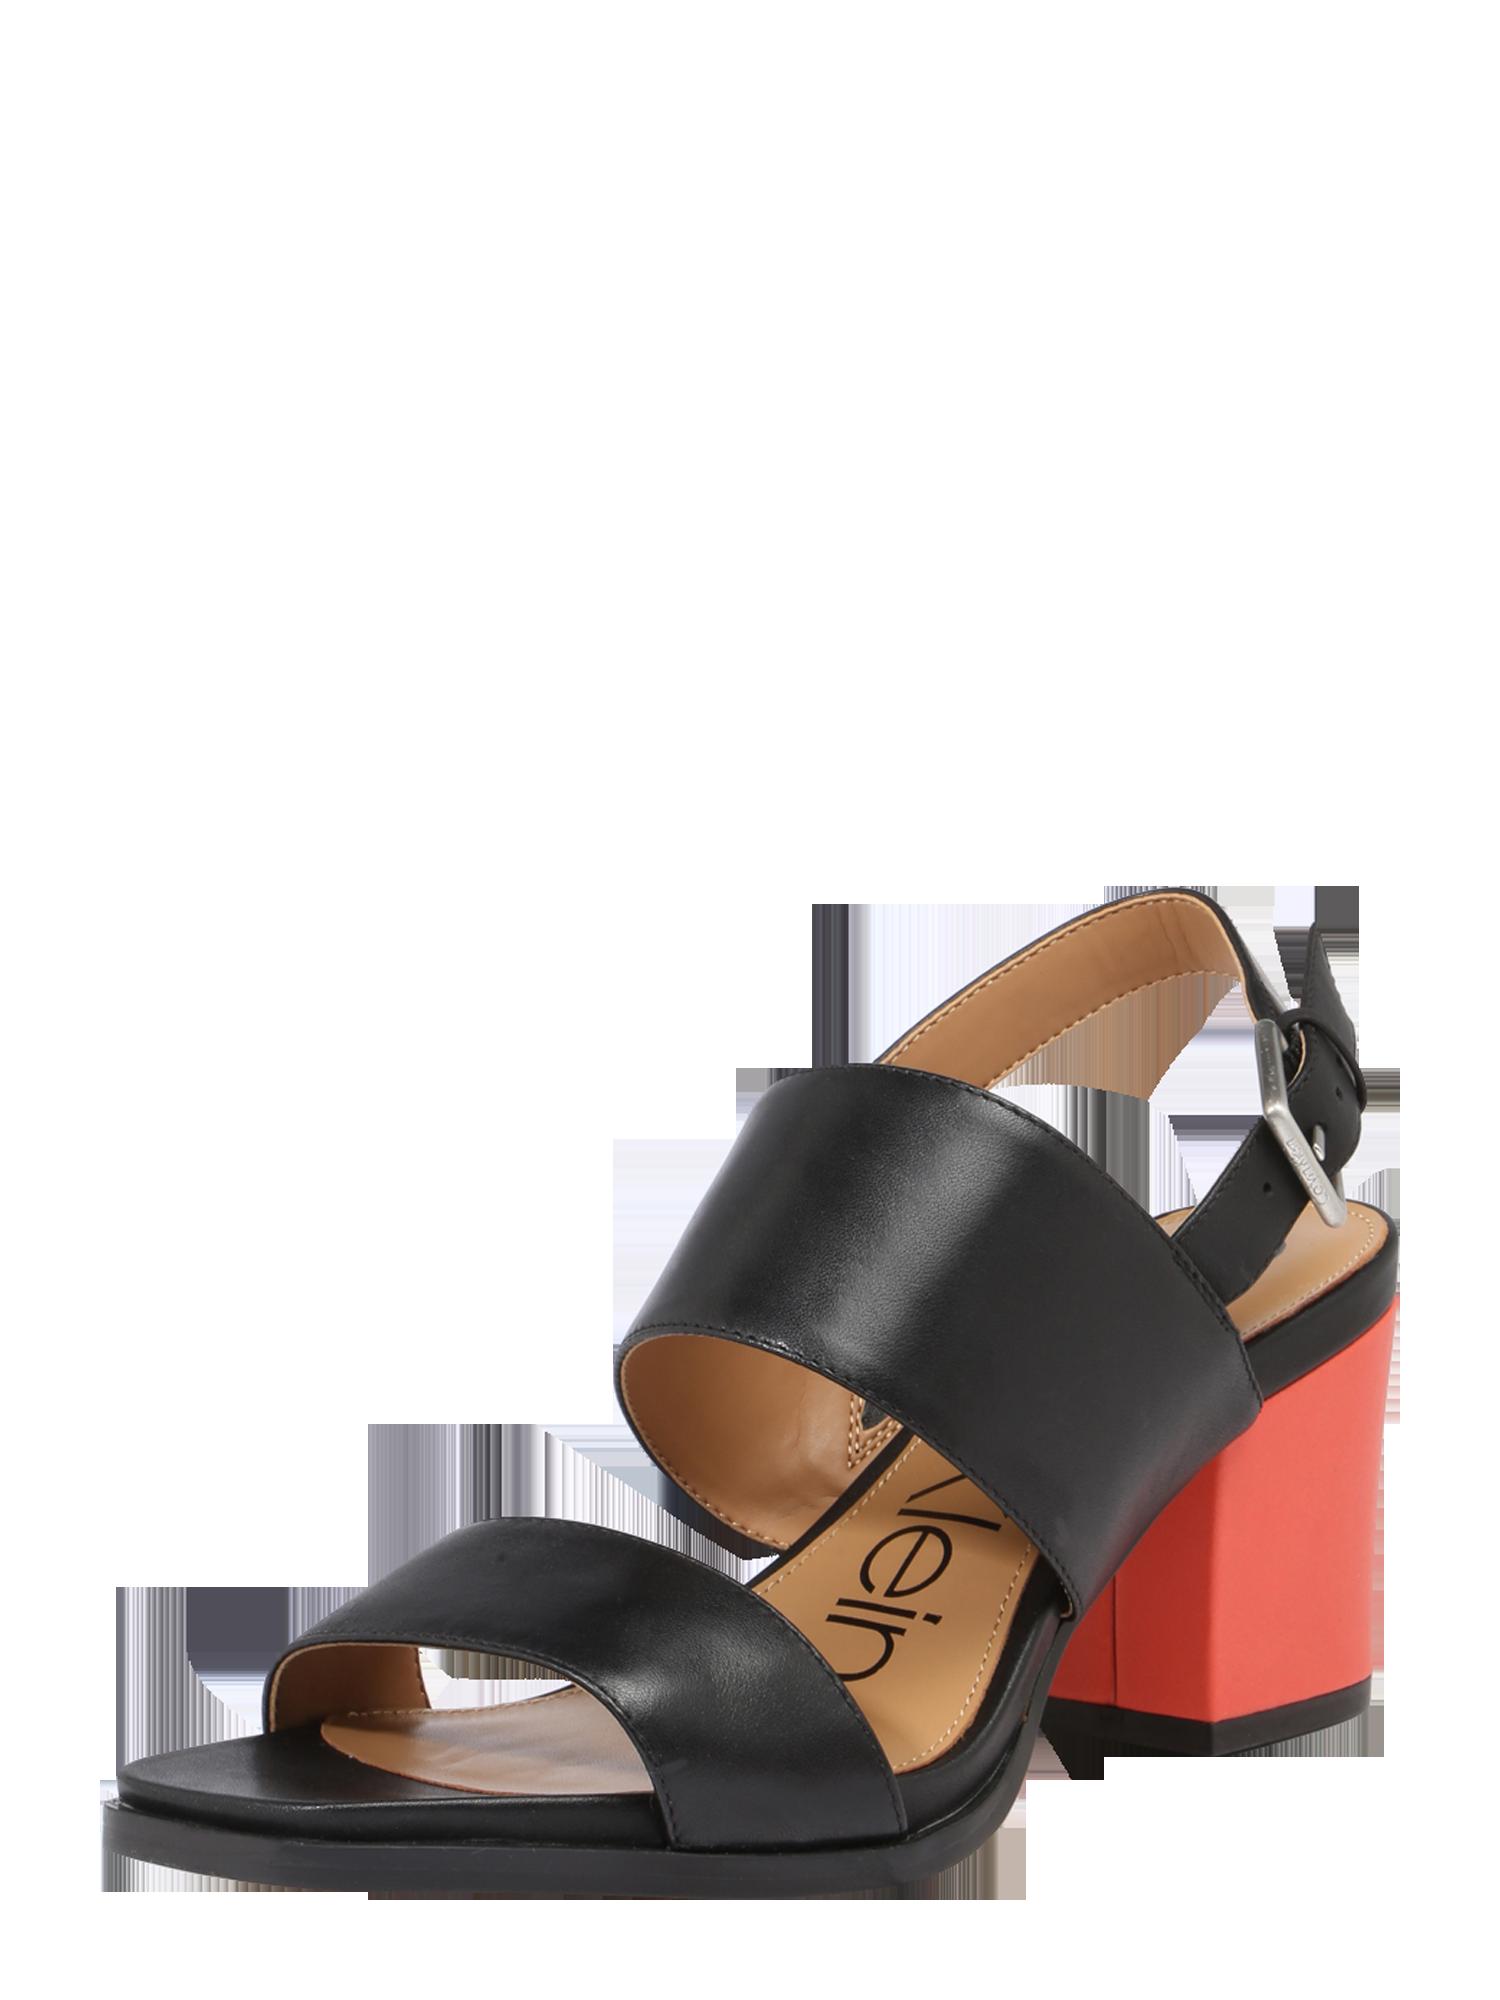 Sandalen met riem 'ROSEMARY' Onderzoeken Te Koop Verhandelbare Goedkope Prijs Populaire Goedkope Prijs wbgFXFMHQ